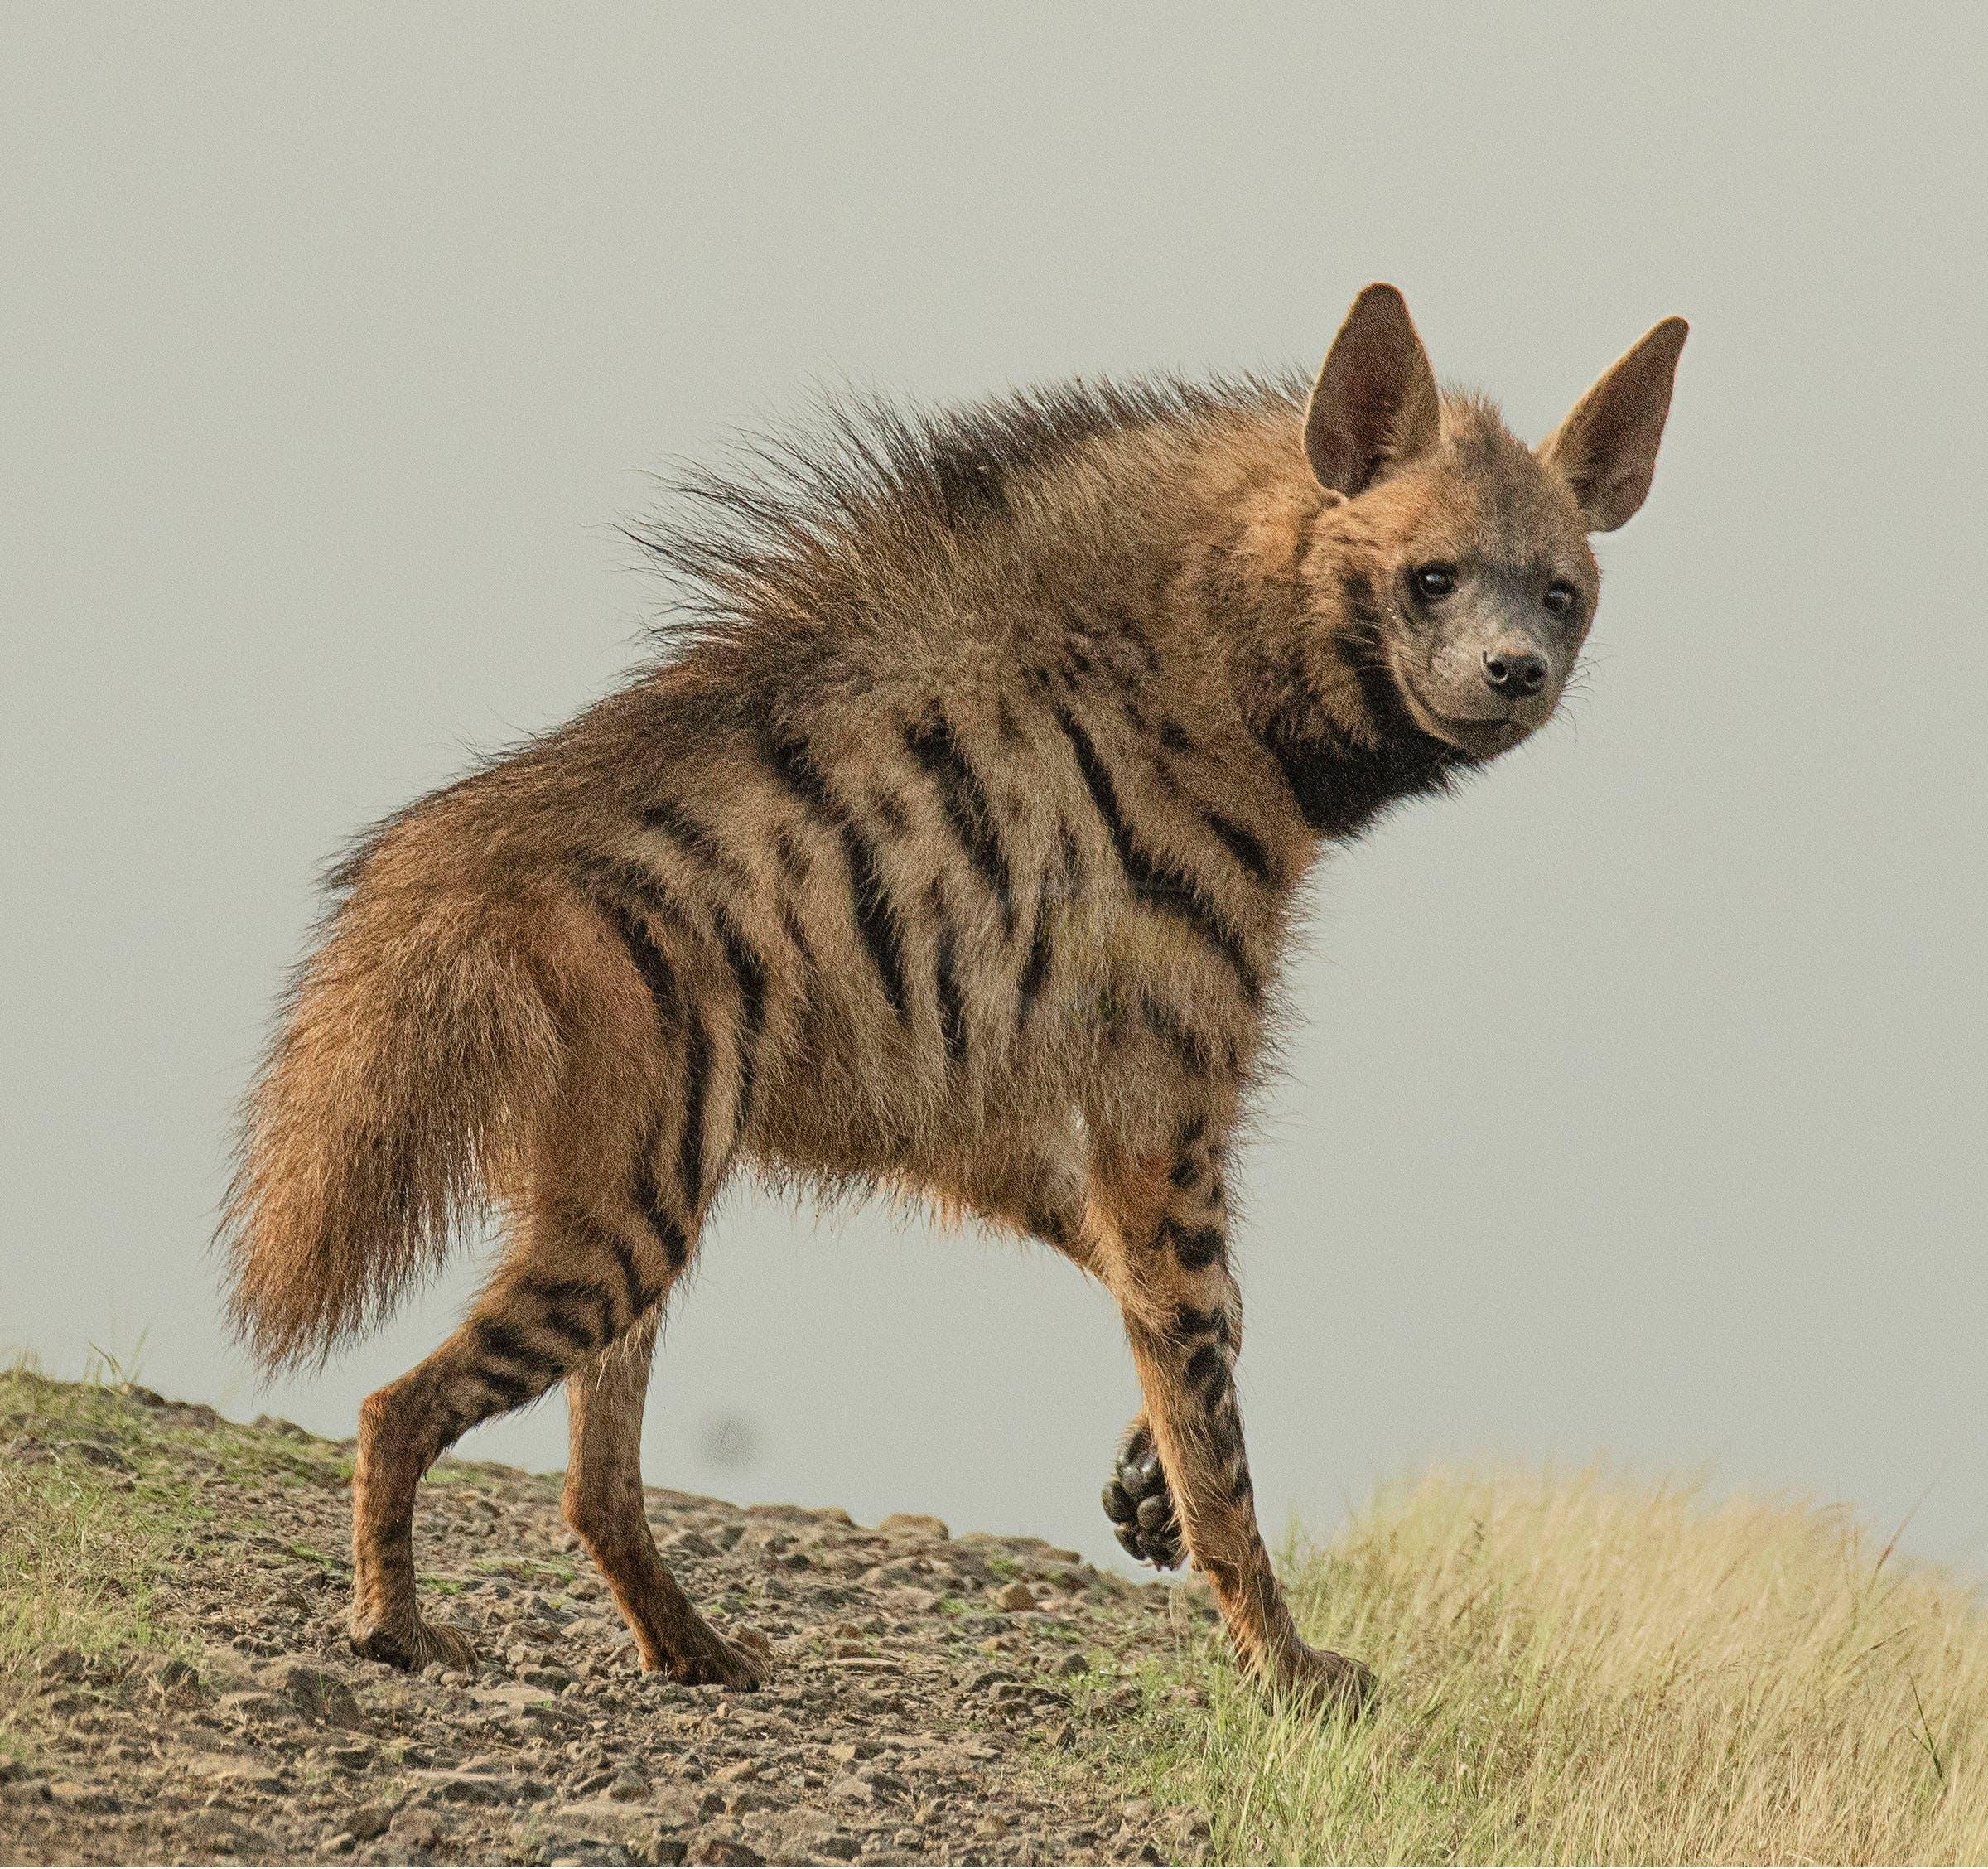 File photo of a striped hyena. (Rushikesh Deshmukh)